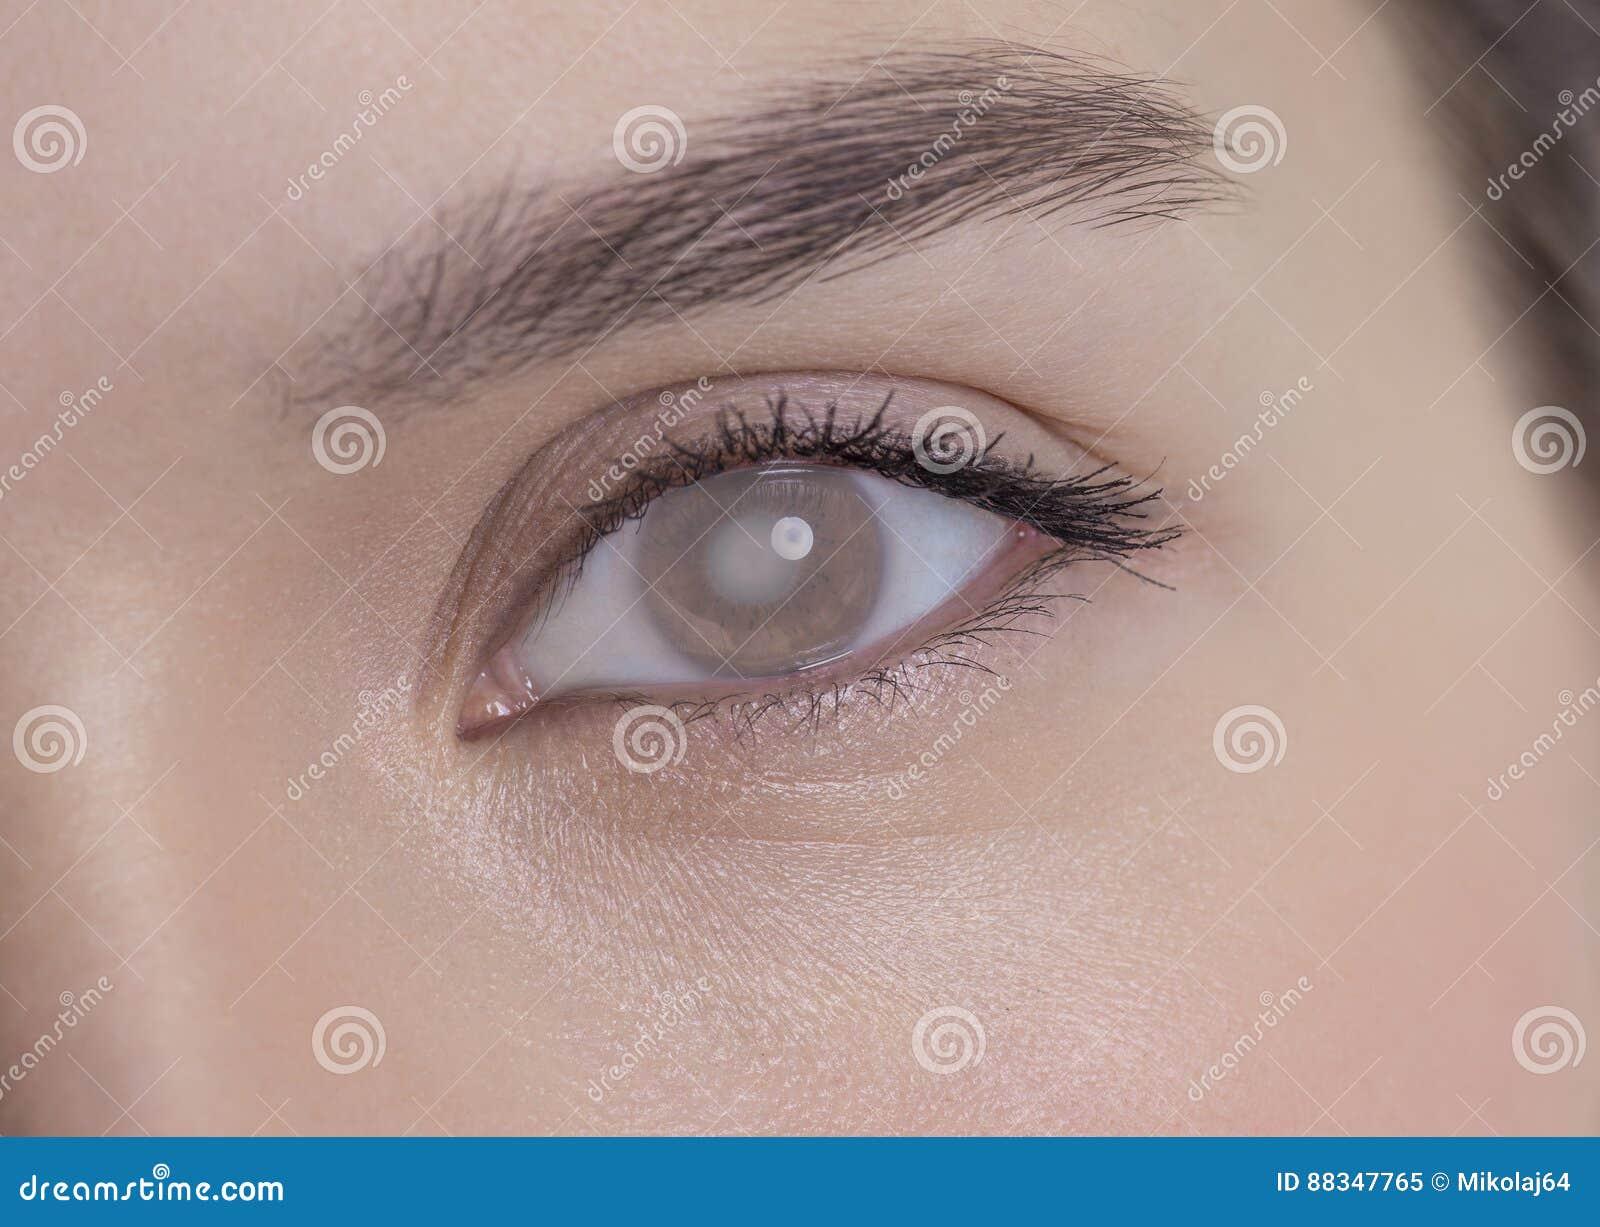 Oog van een vrouw met cataract